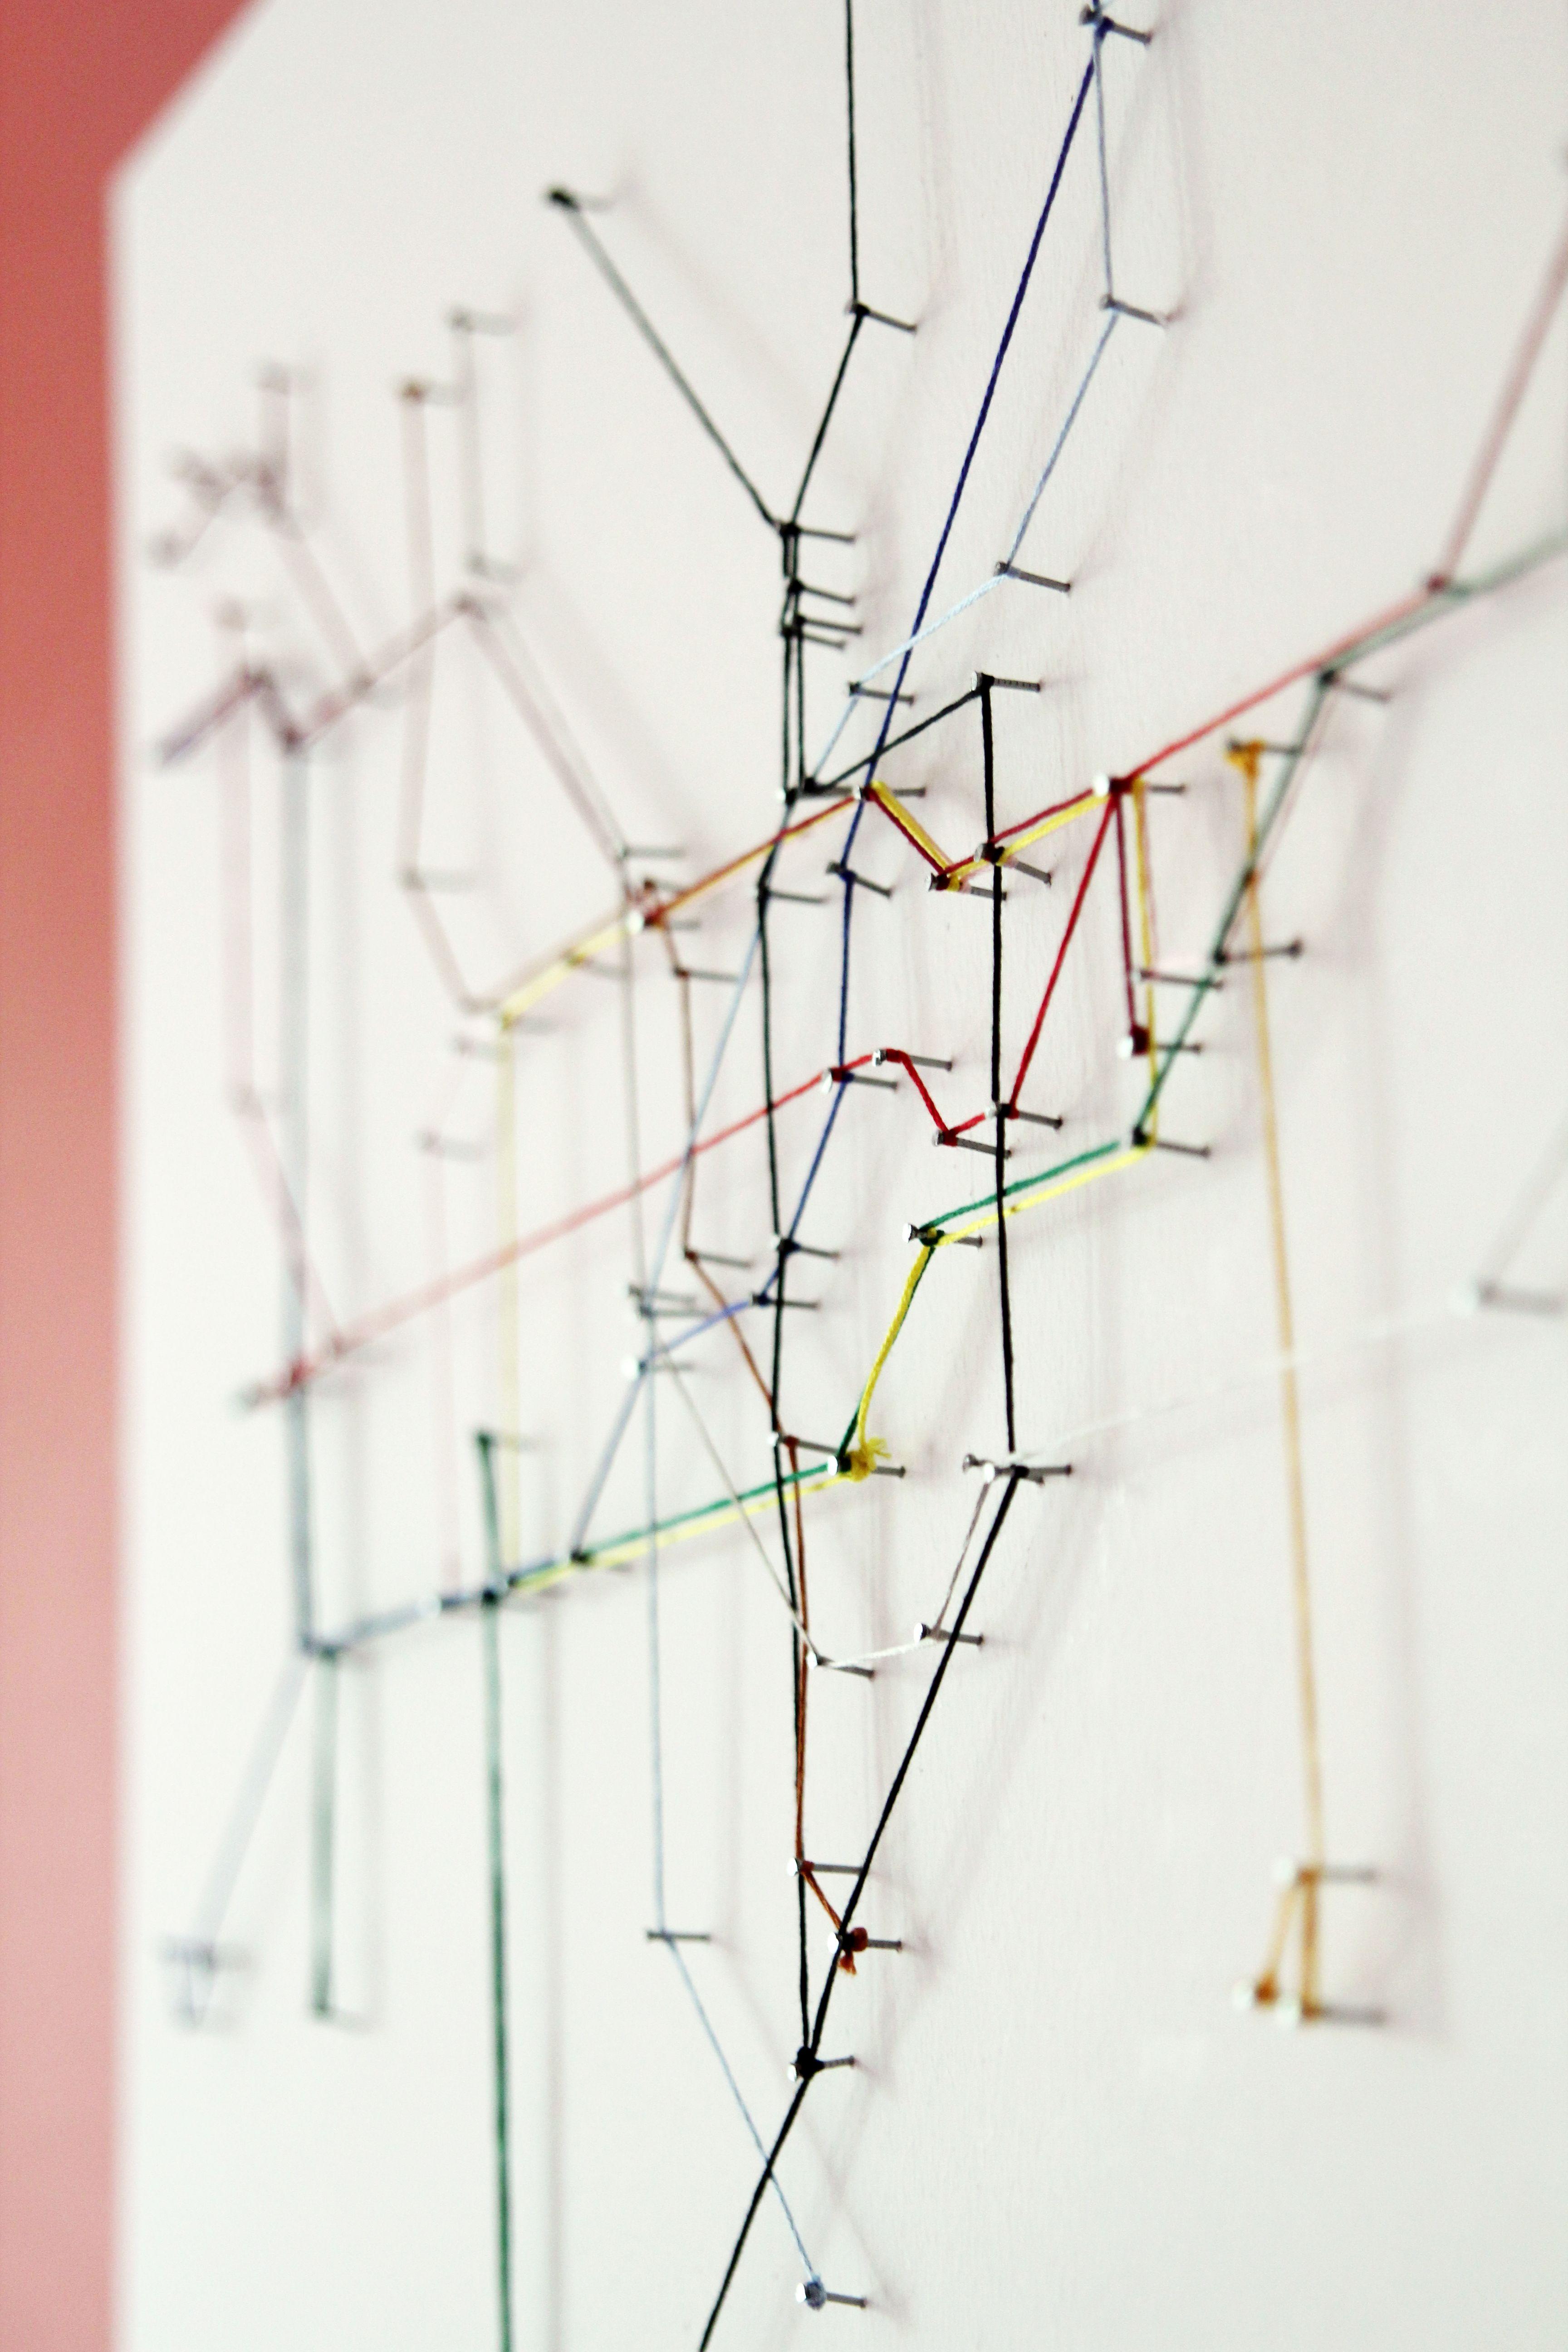 #idée #déco Un joli tableau avec des clous et du fil. Refaire le plan de métro de sa ville par exemple ;)